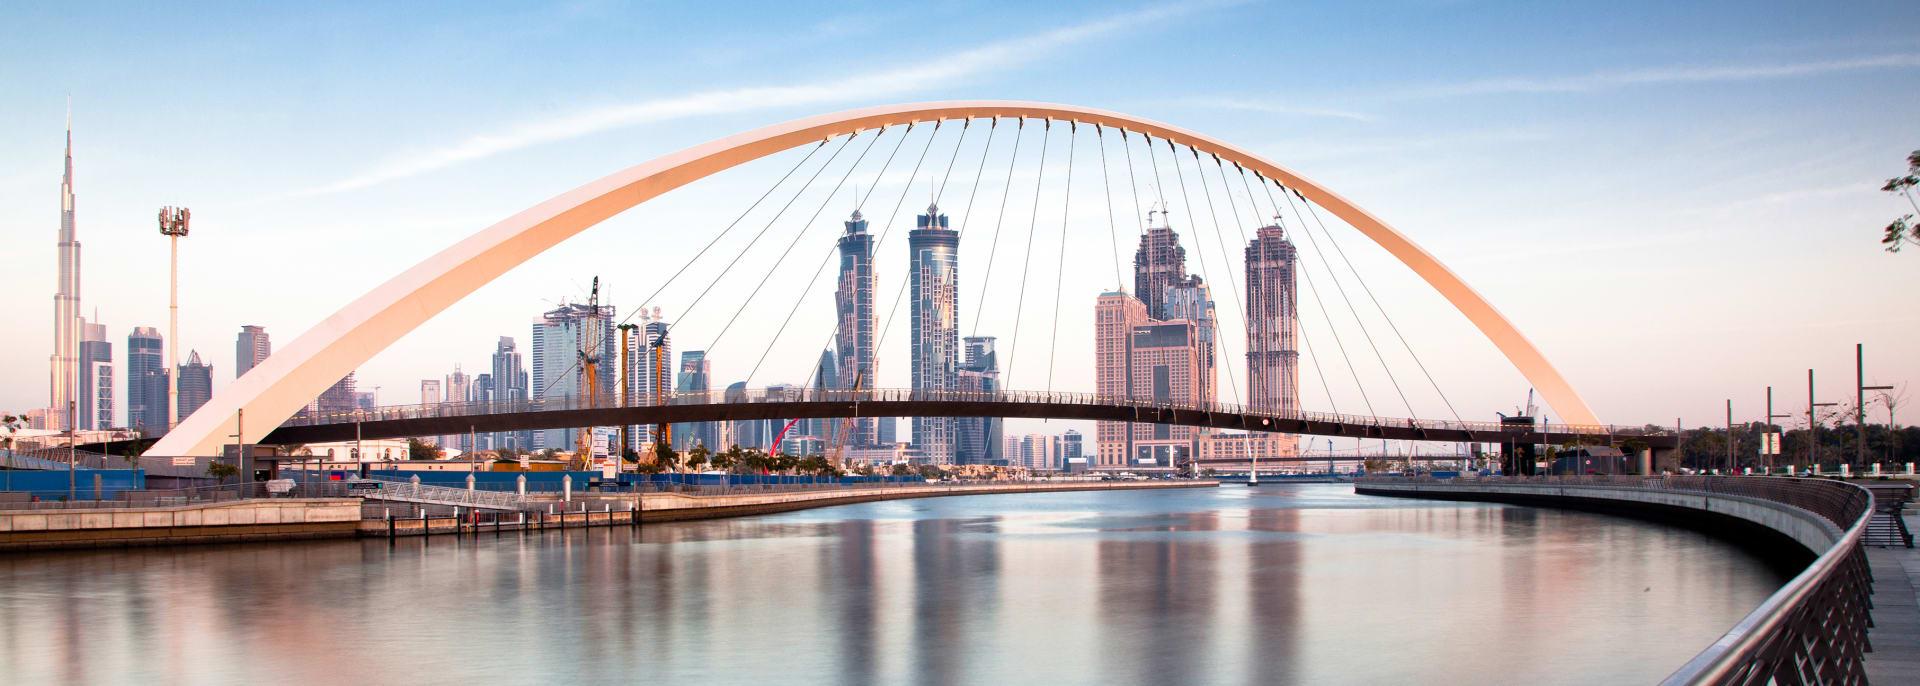 Tolerance Bridge, Dubai